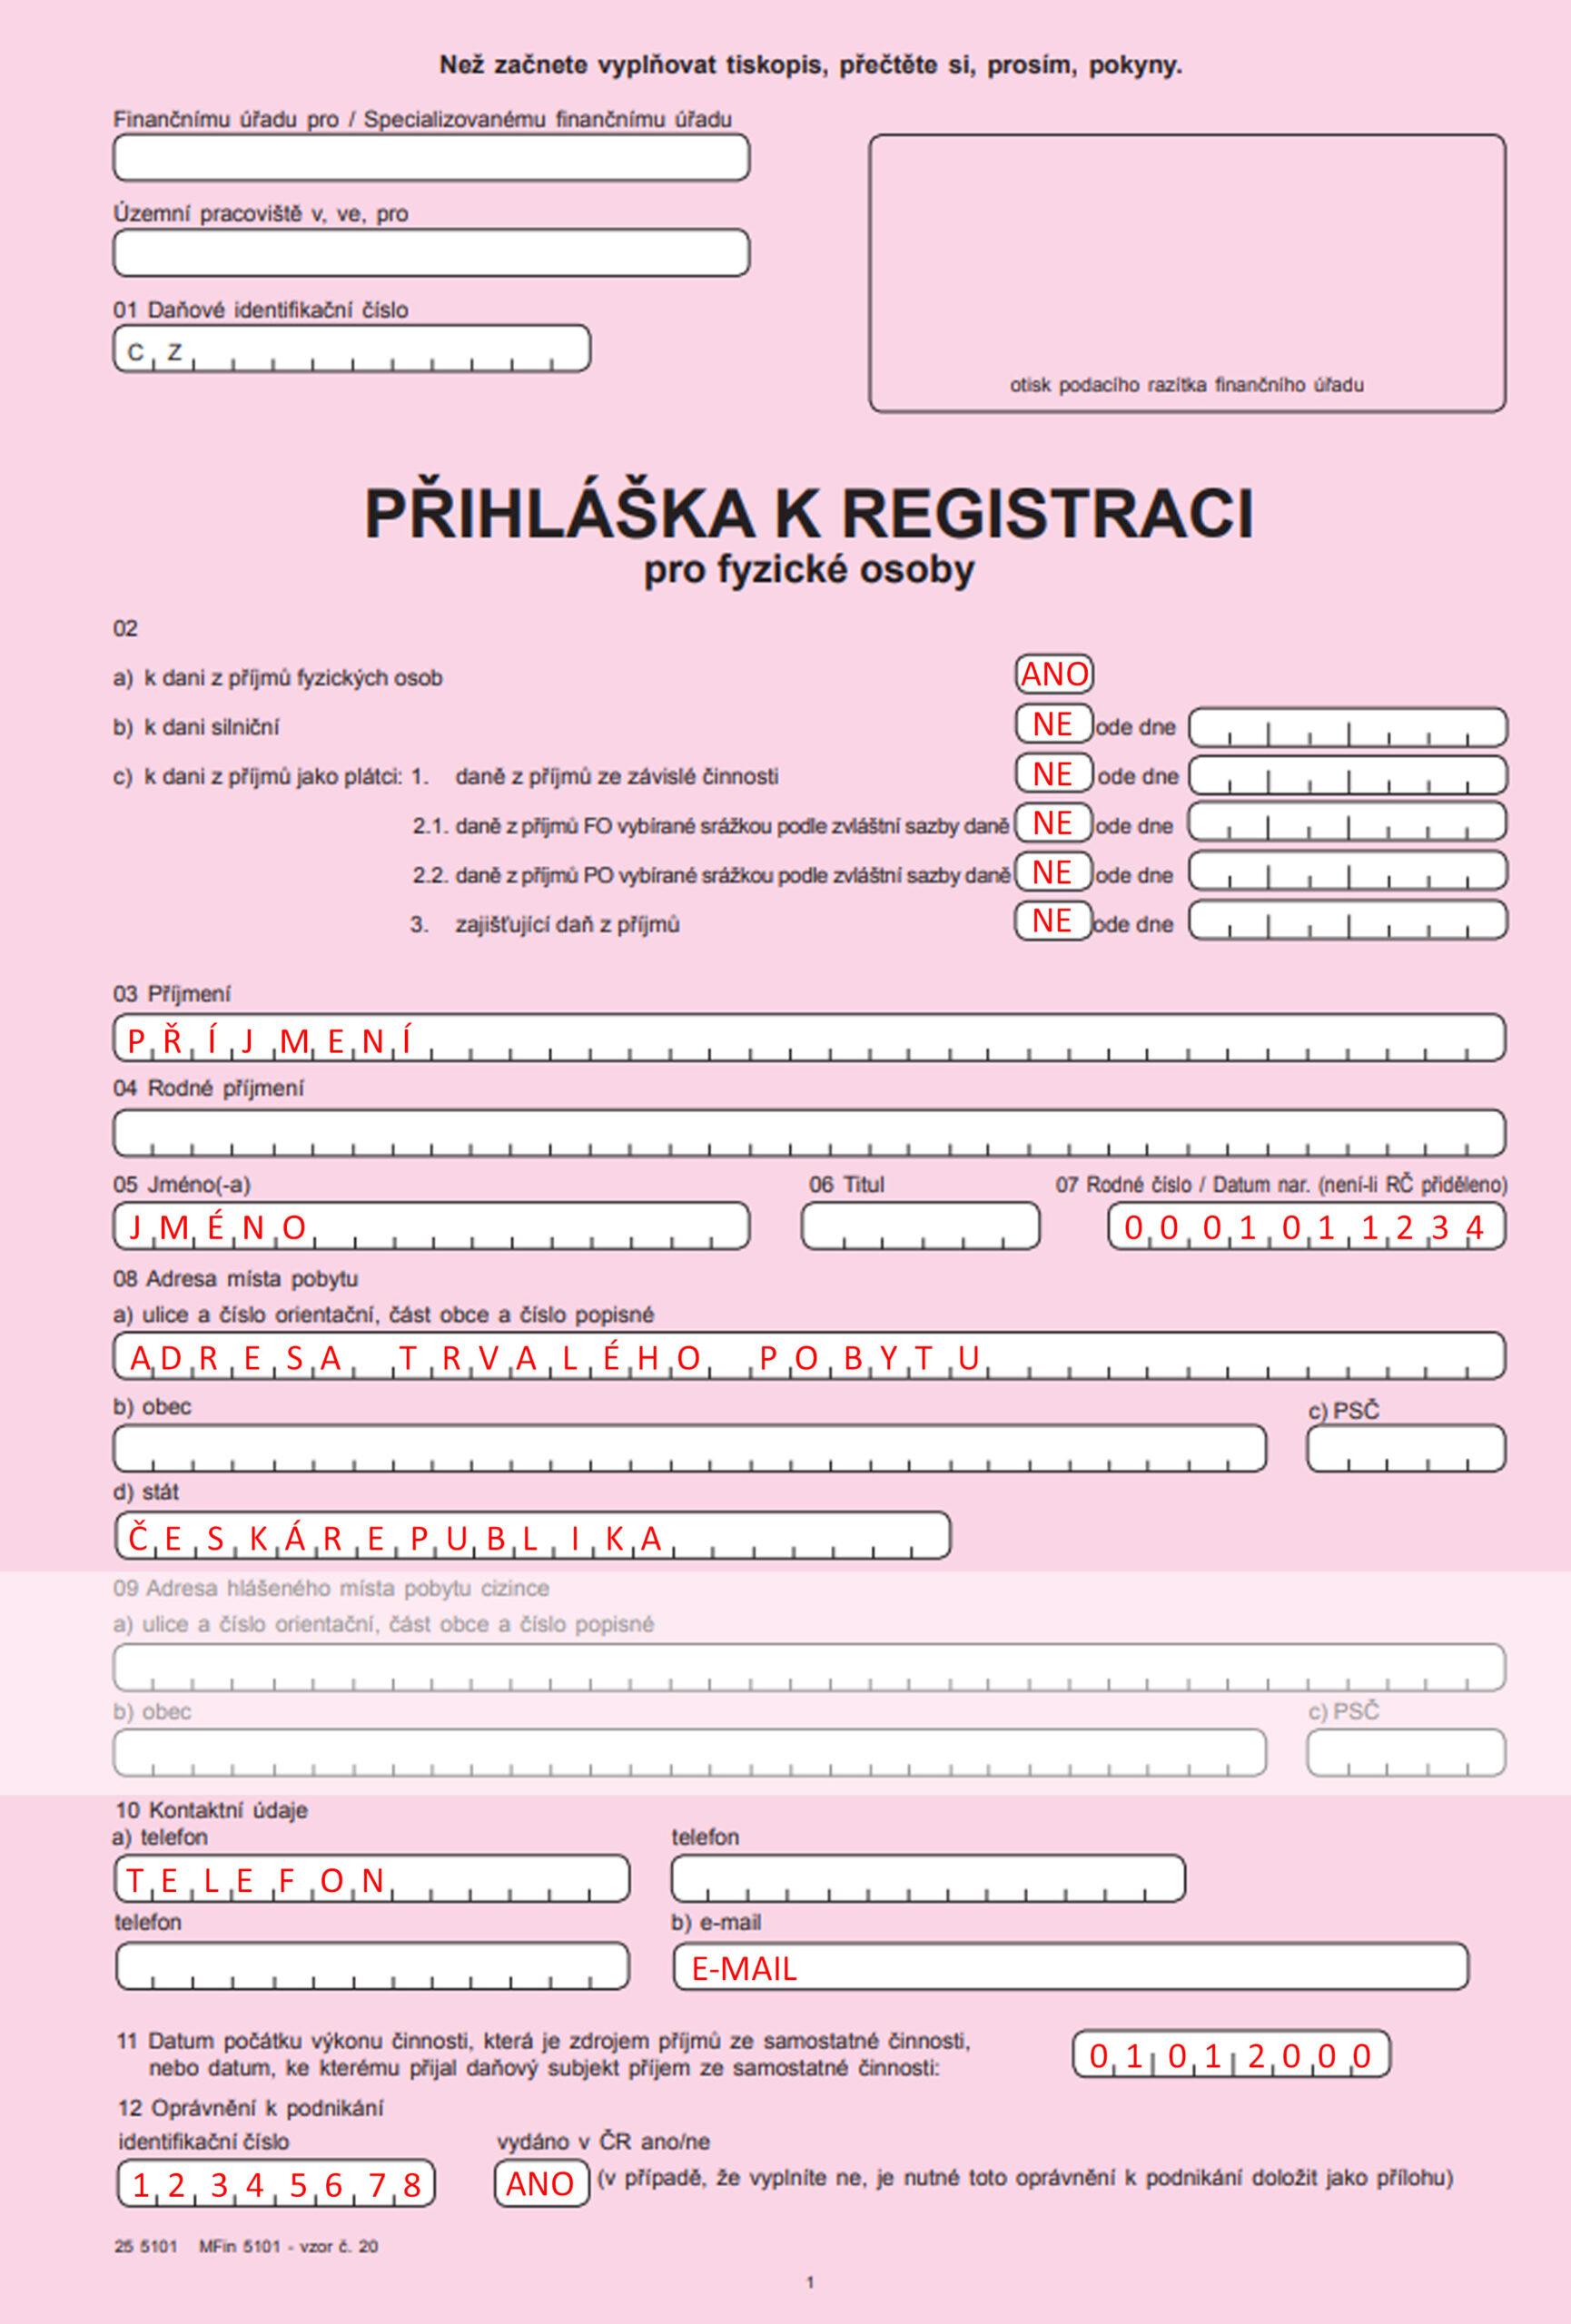 Přihláška k registraci pro fyzické osoby